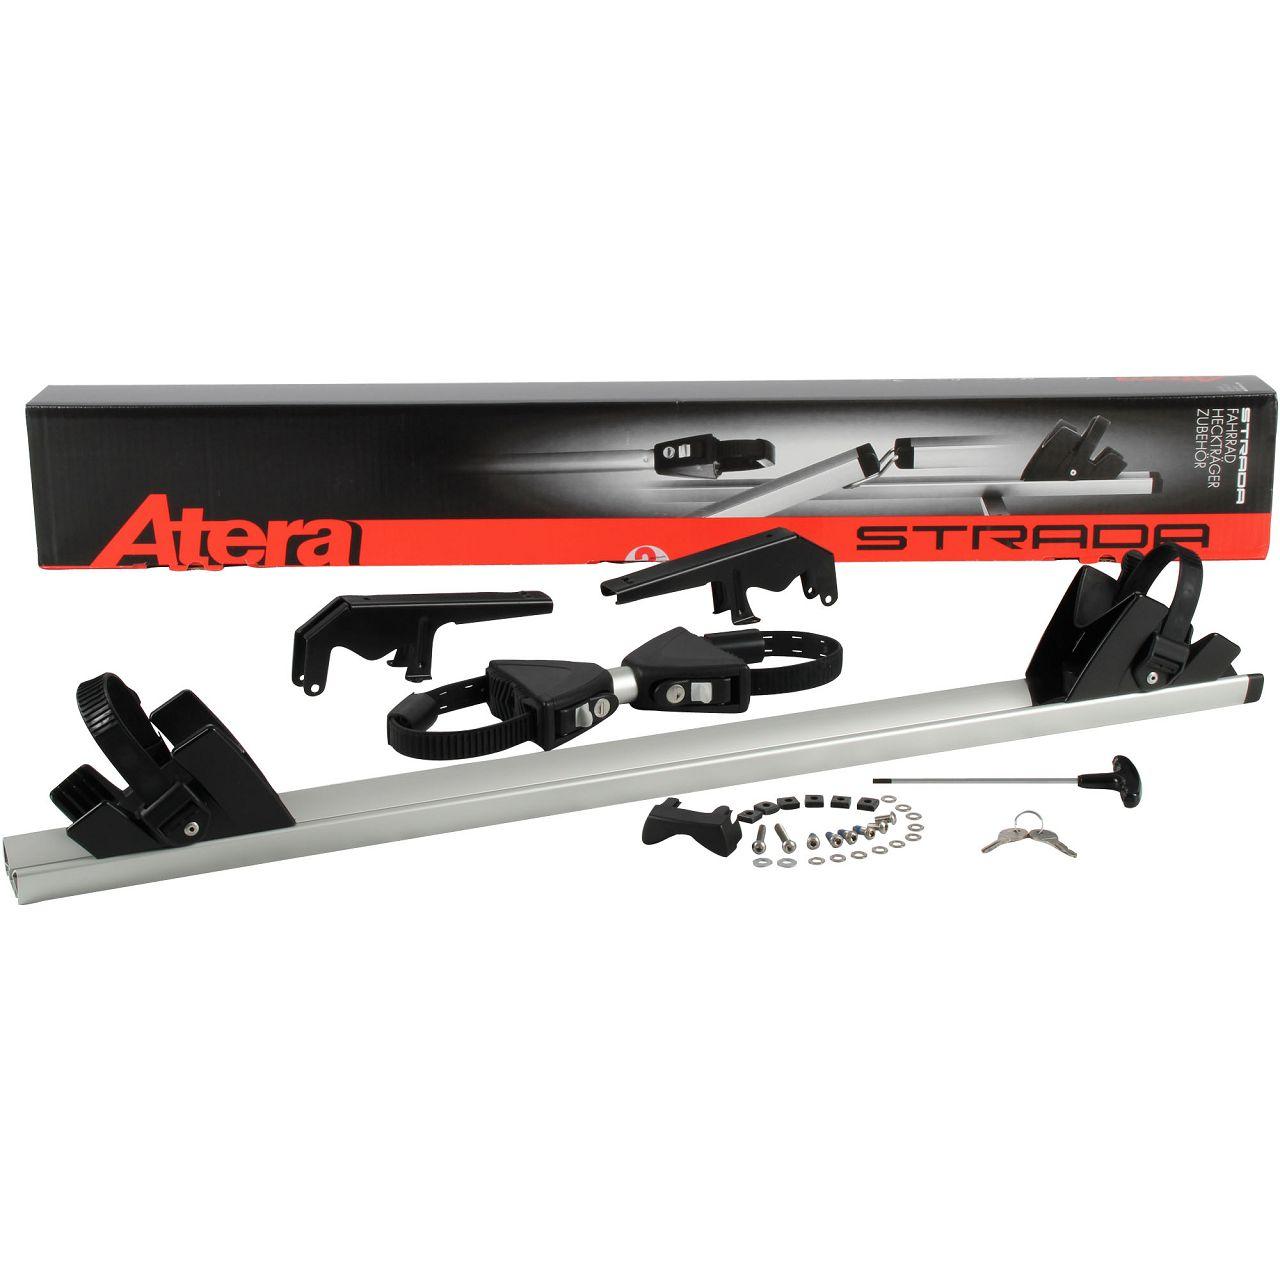 ATERA 22624 Erweiterungssatz 3. / 4. Fahrrad für Fahrradträger Strada Sport M3